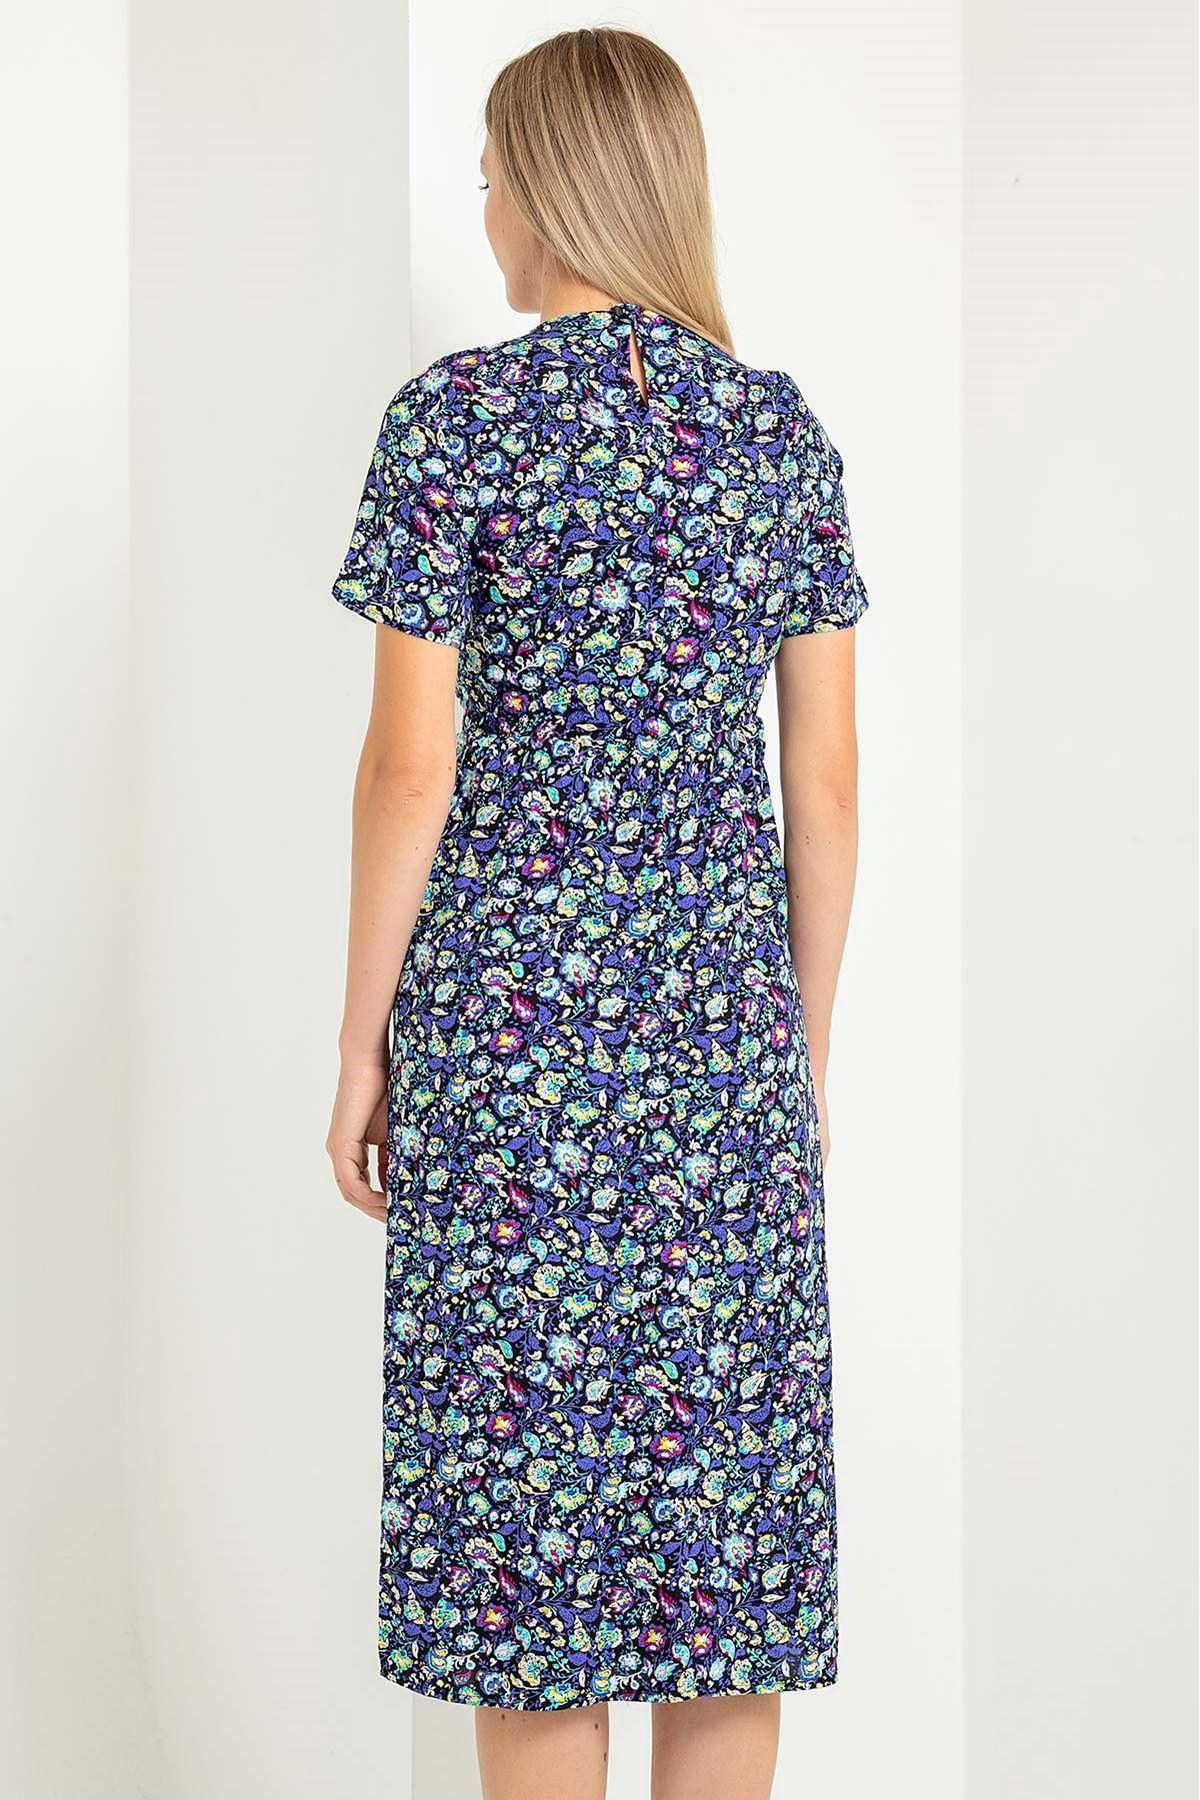 Yaprak Şal Desen Kısa Kol Elbise-Bebemavi